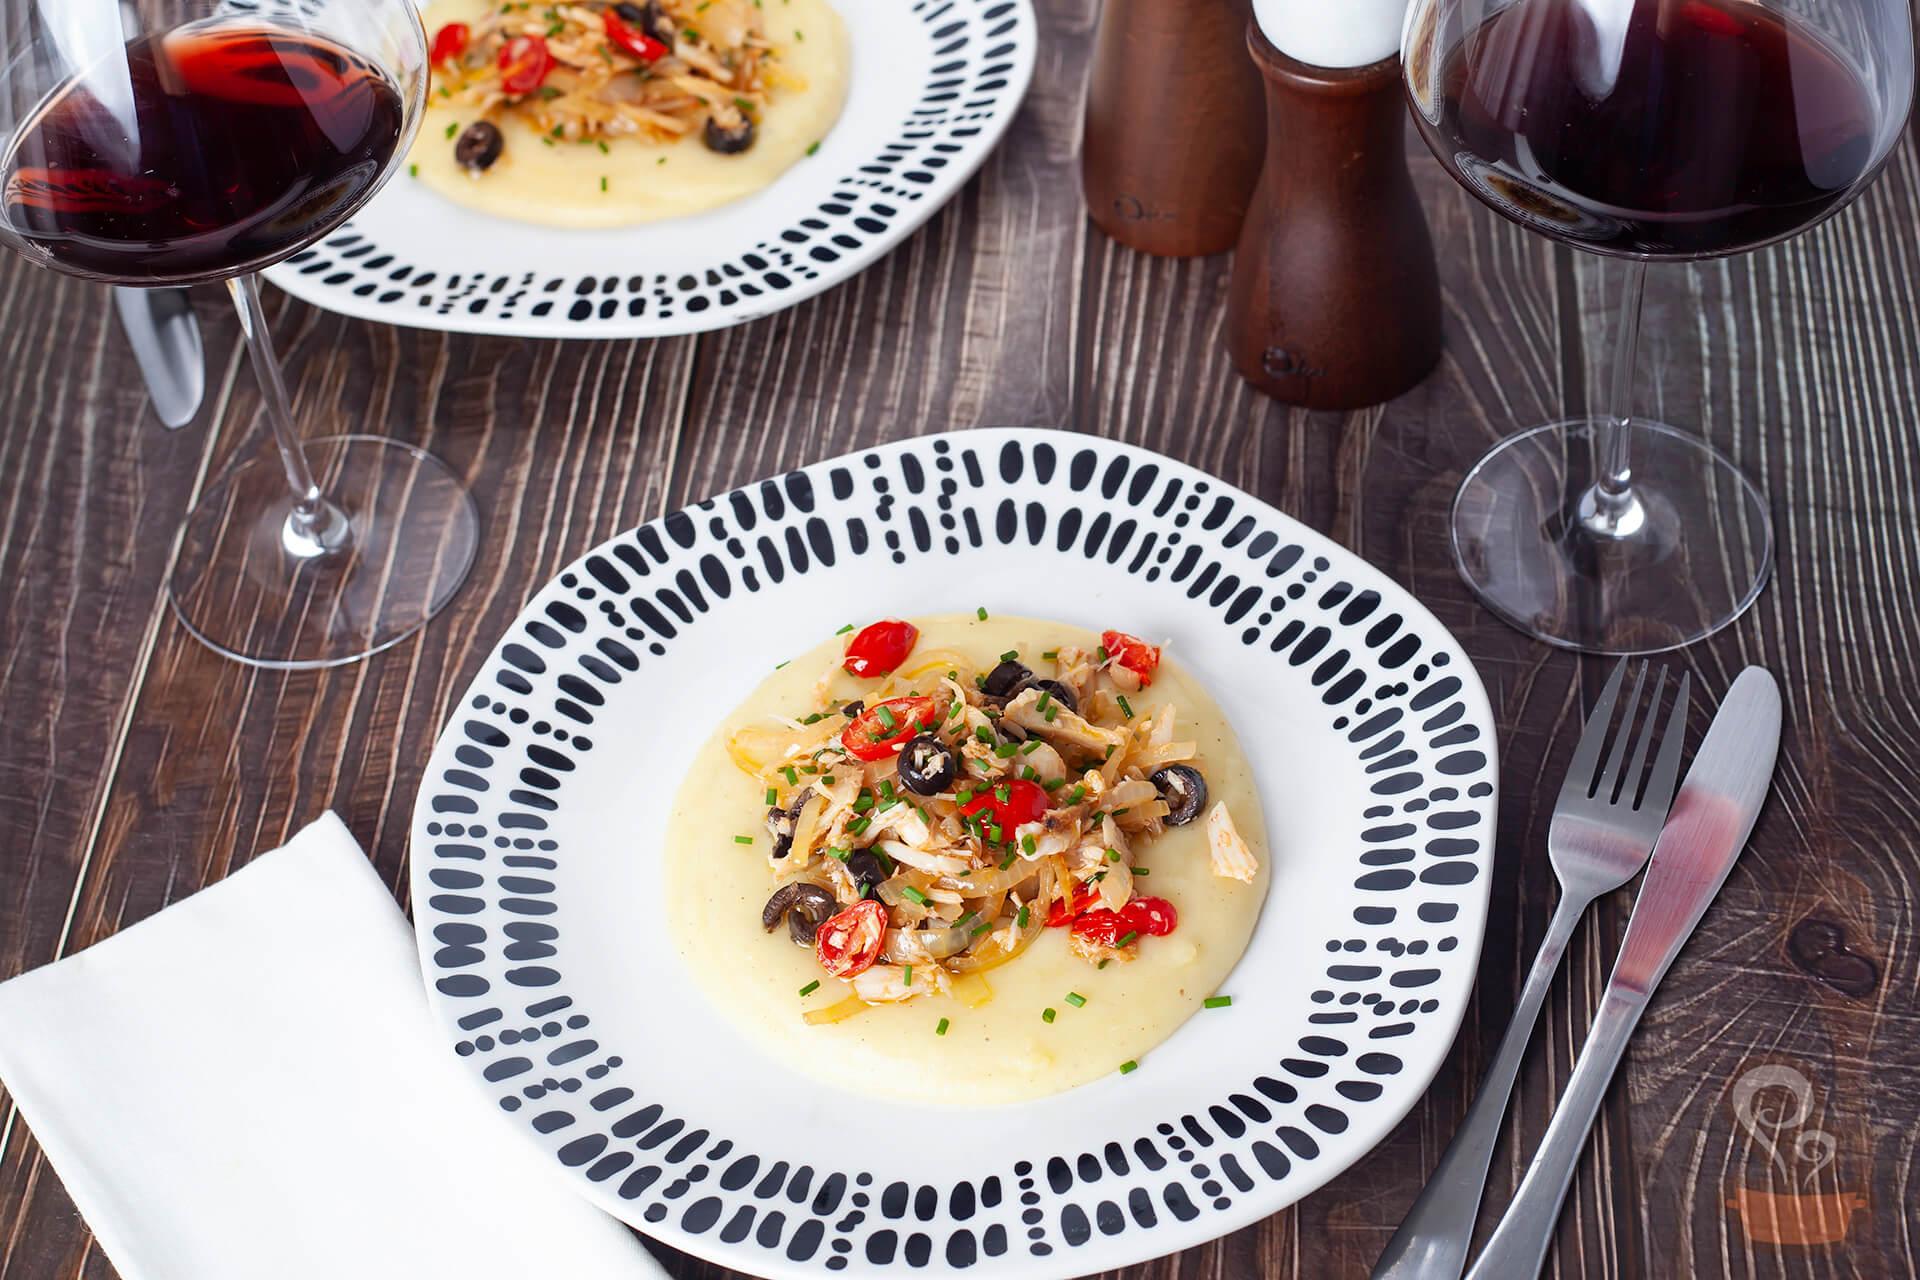 Receita perfeita para a Páscoa: Bacalhau mediterrâneo com purê de batatas. FOTO: naminhapanela.com